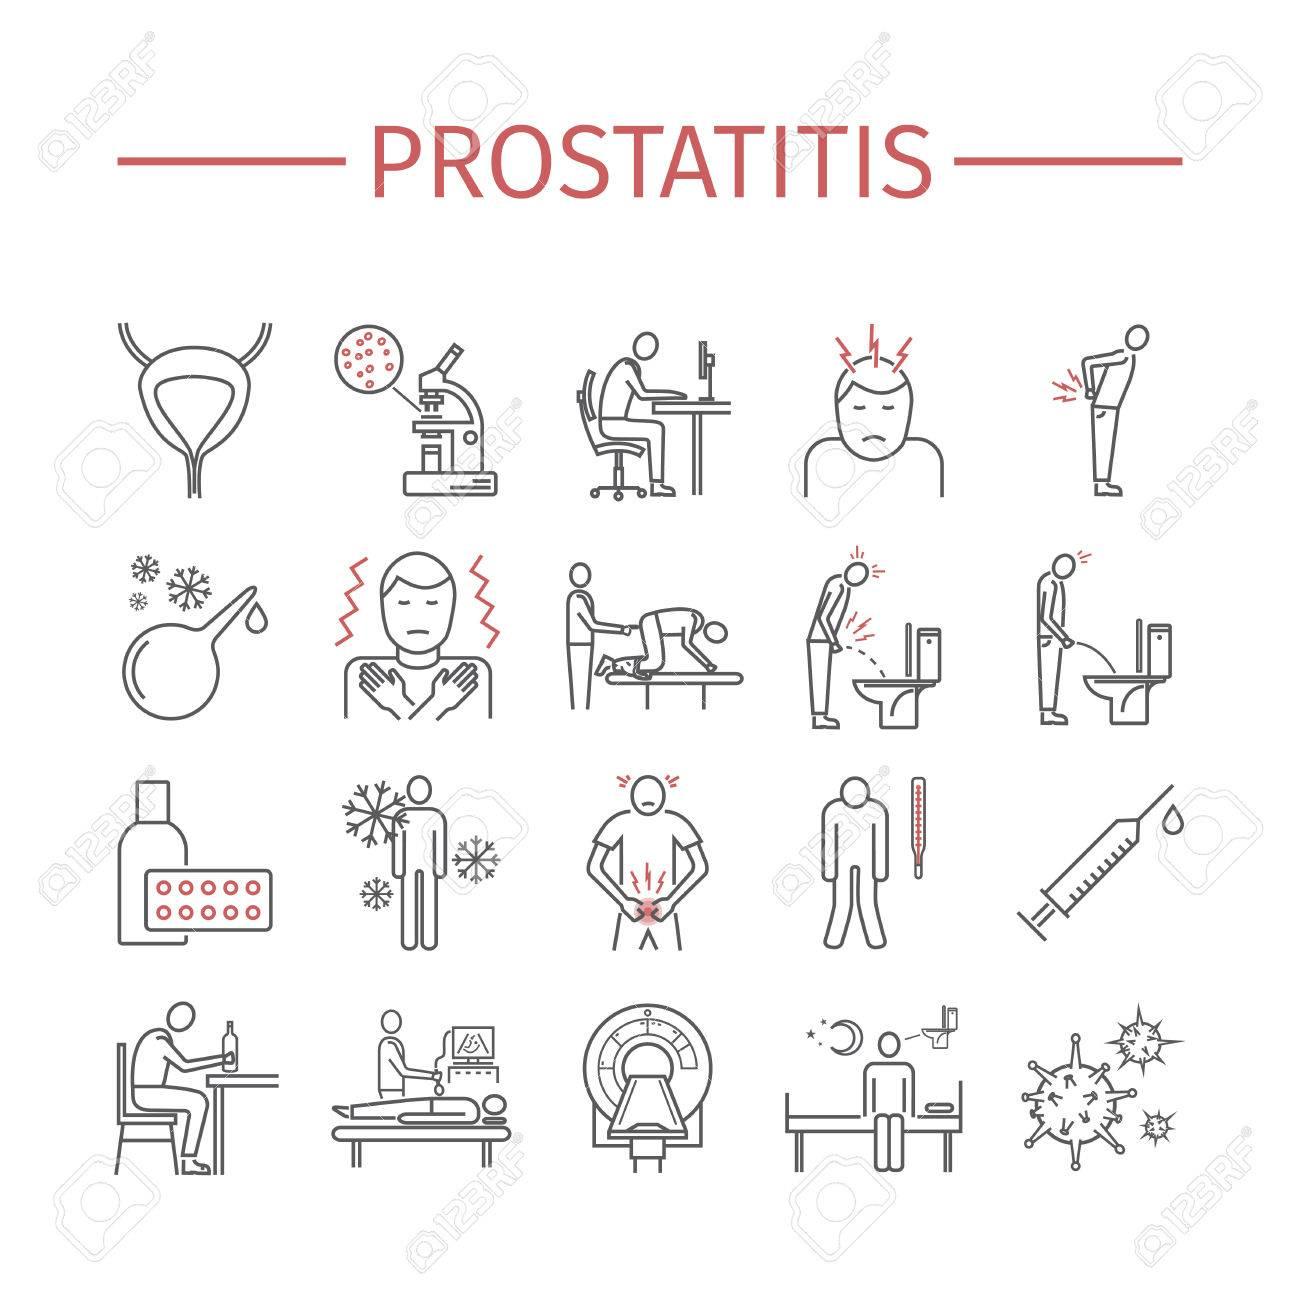 tipos de video de prueba de prostatitis